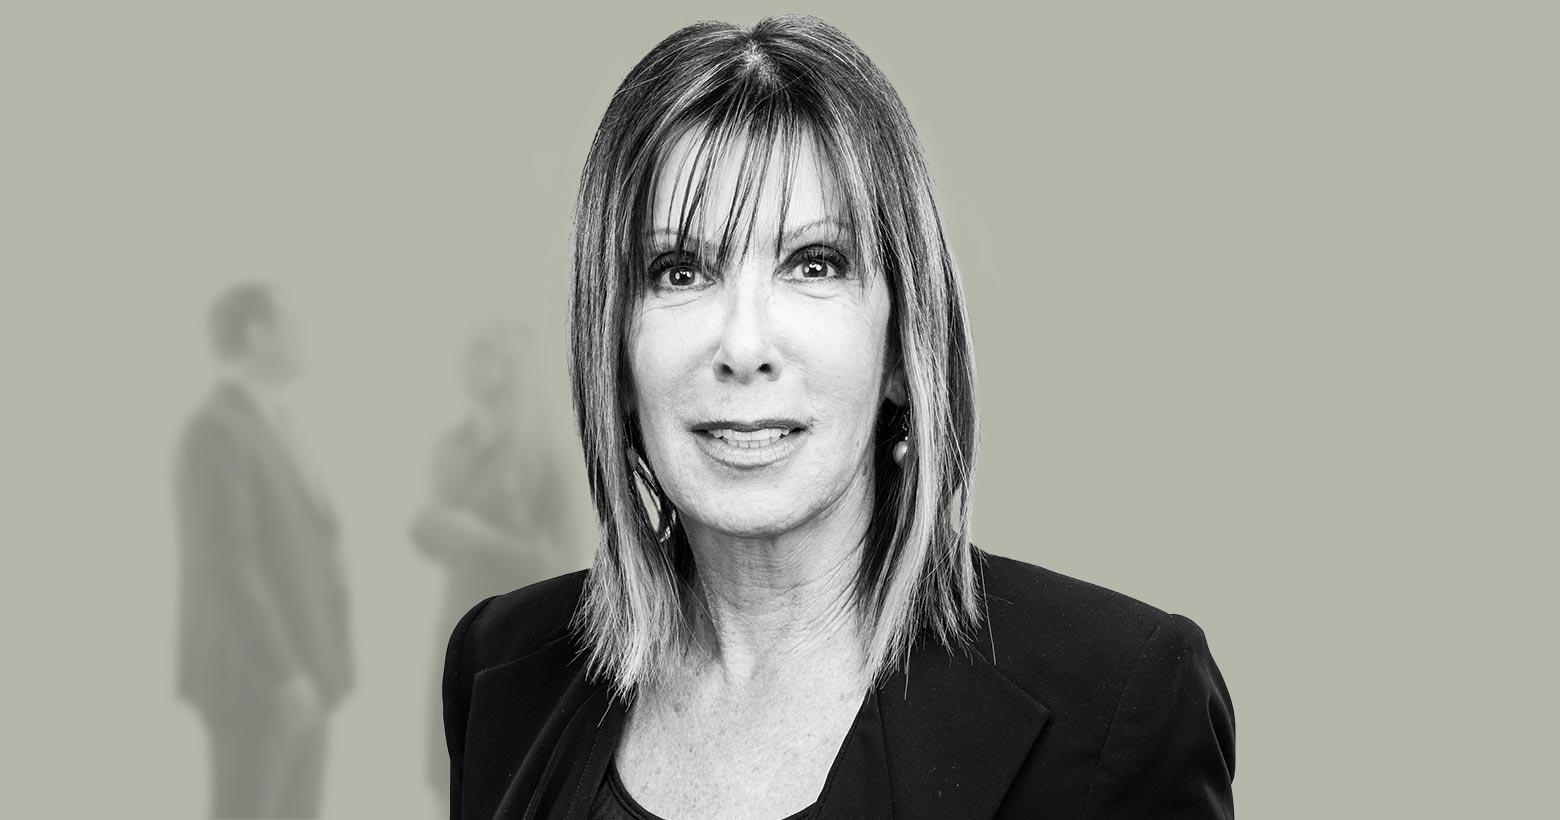 Carole Jacobs